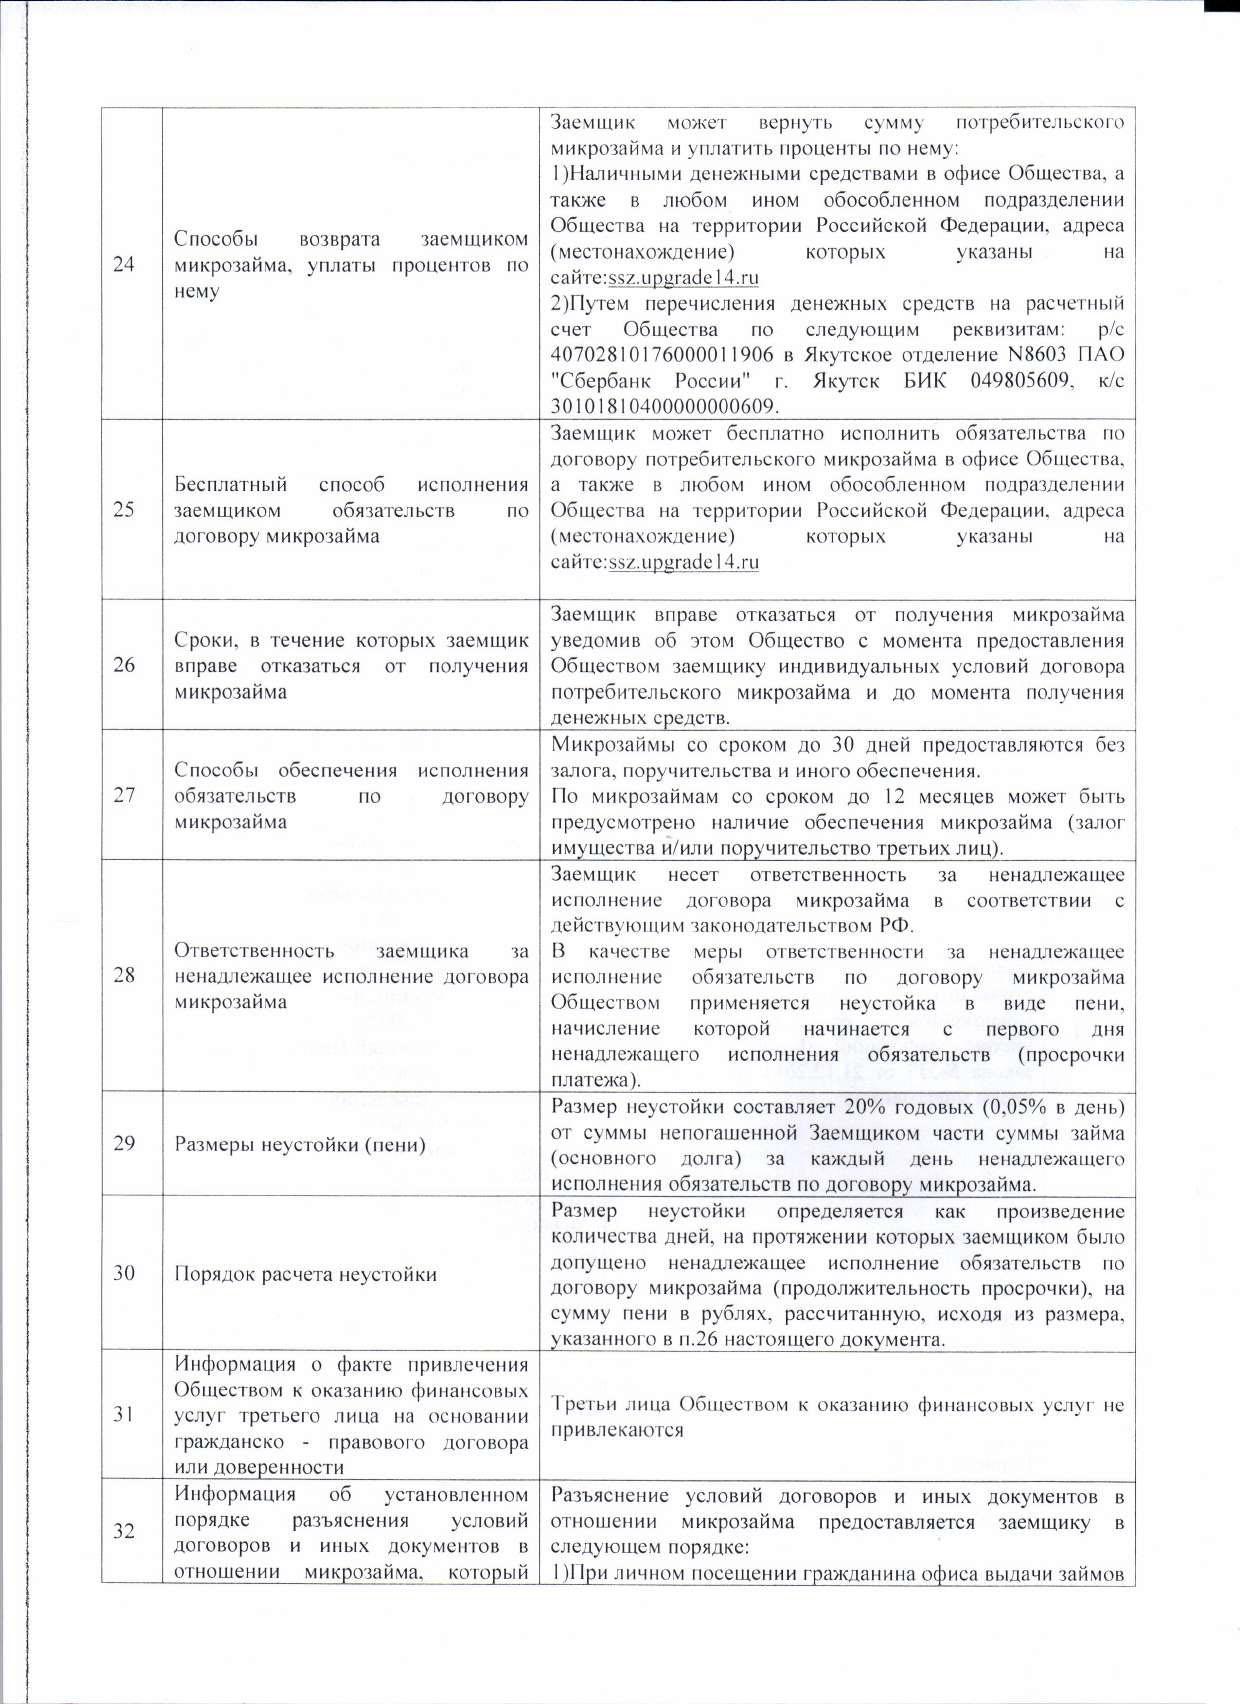 Информация об условиях предоставления, использования и возврата микрозаймов стр6